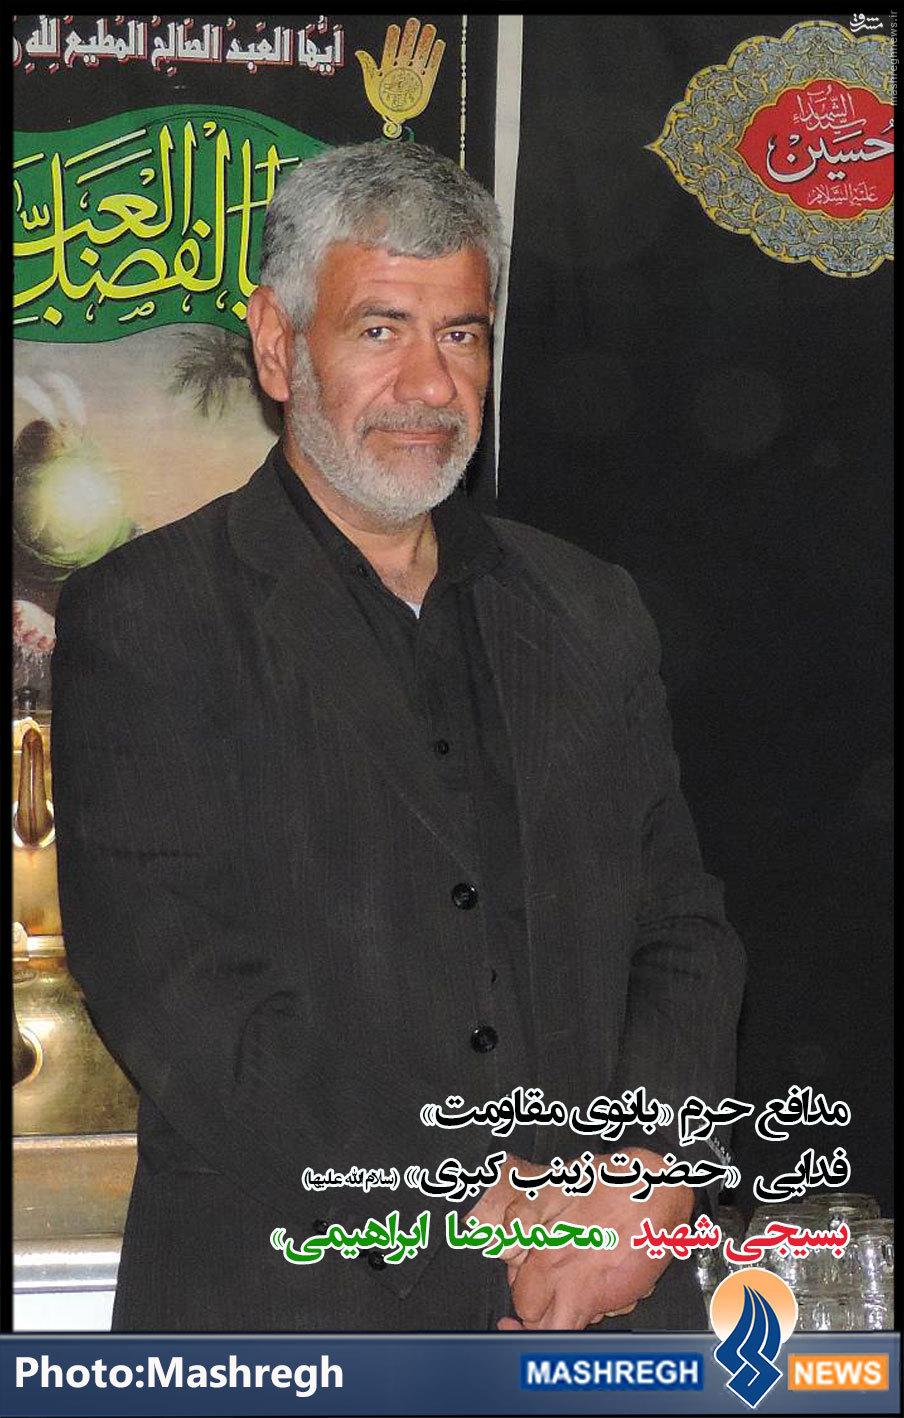 شهدای مدافع ایرانی در «عملیات محرم« به 55 نفر رسید+عکس